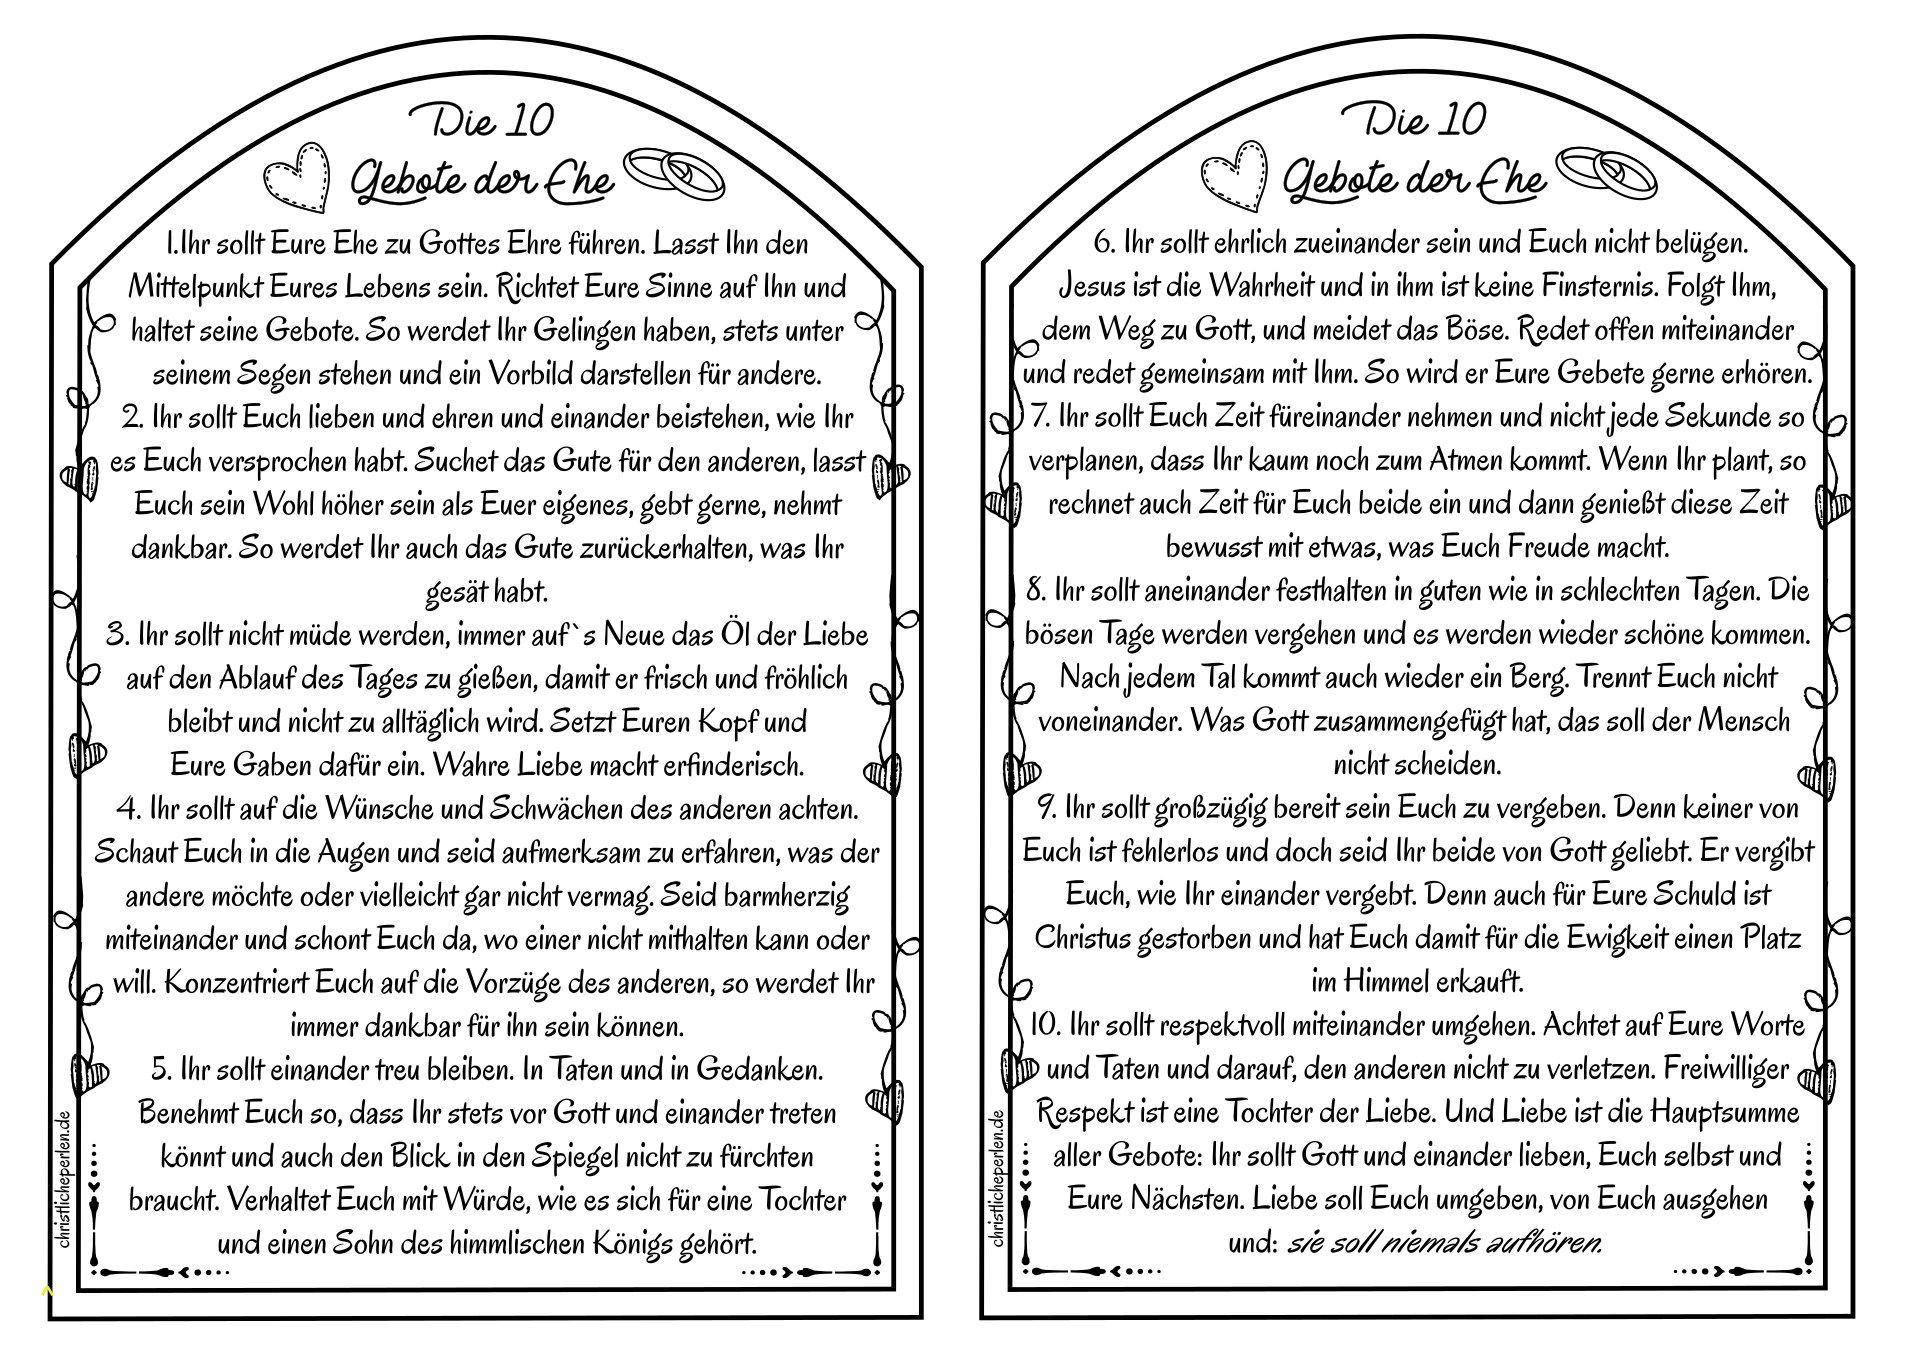 Von eltern den brief an brautpaar das Hochzeitswünsche an